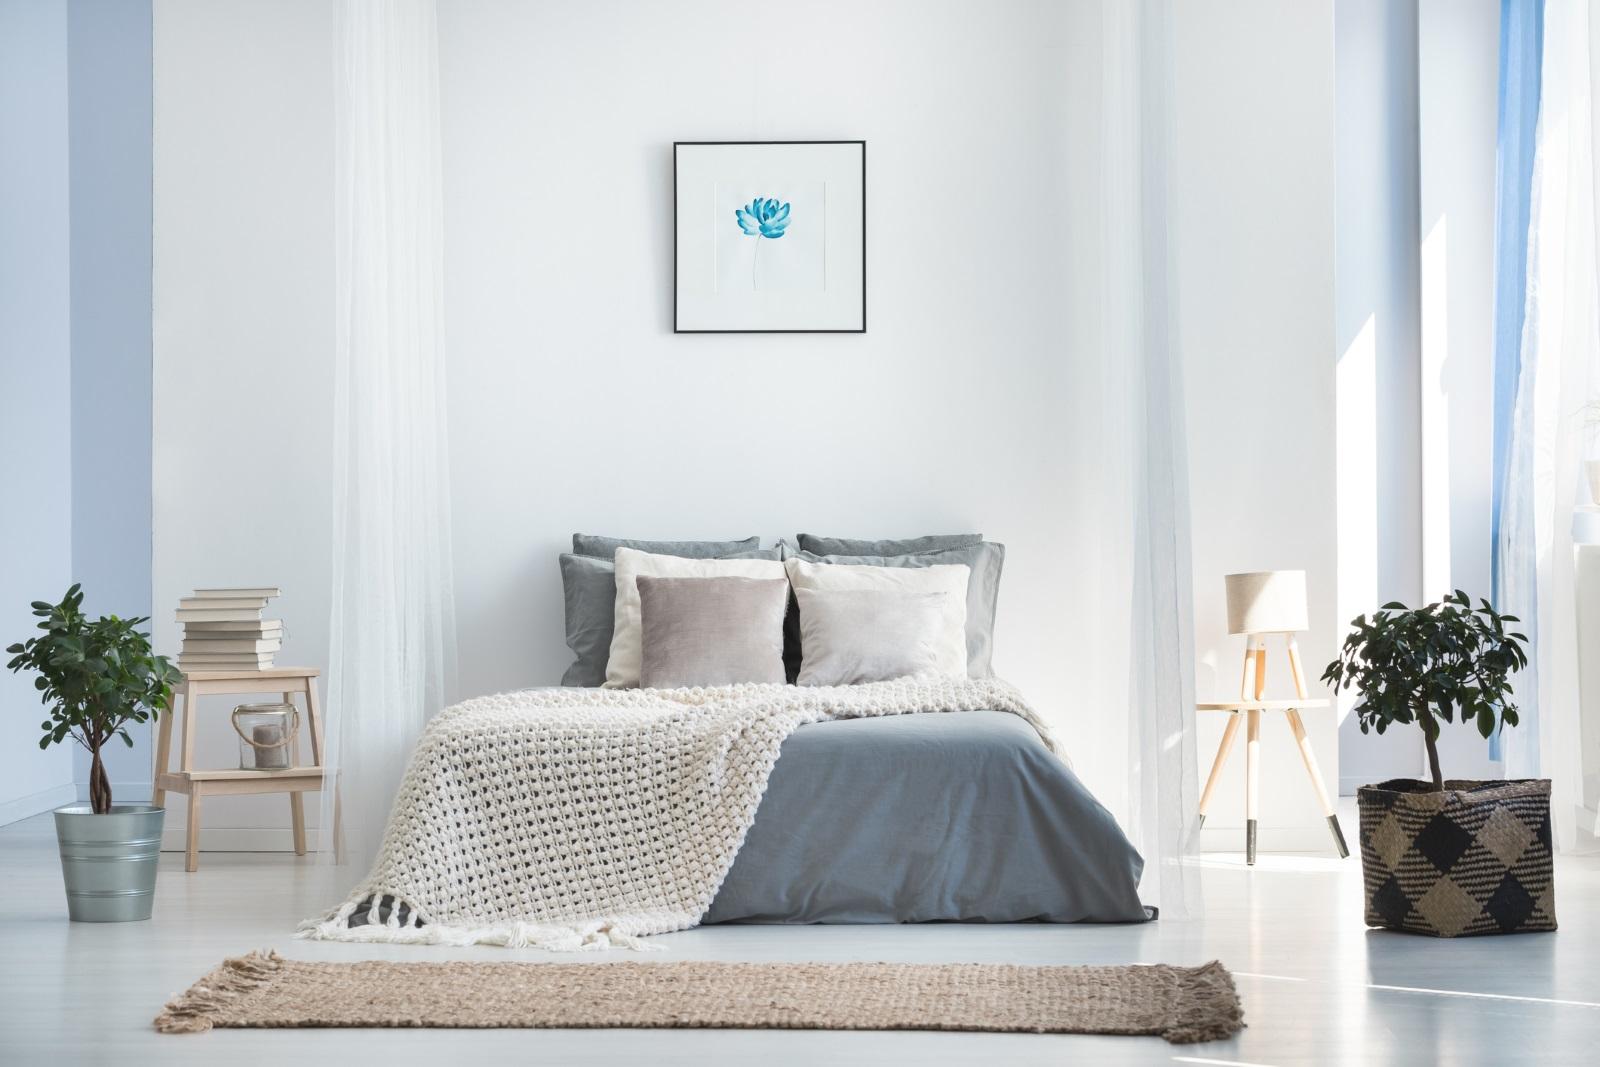 Леглото в спалнята ви не трябва да е поставено под прозорец, а долният край не трябва да е разположен срещу врата. В спалнята трябва да е светло.